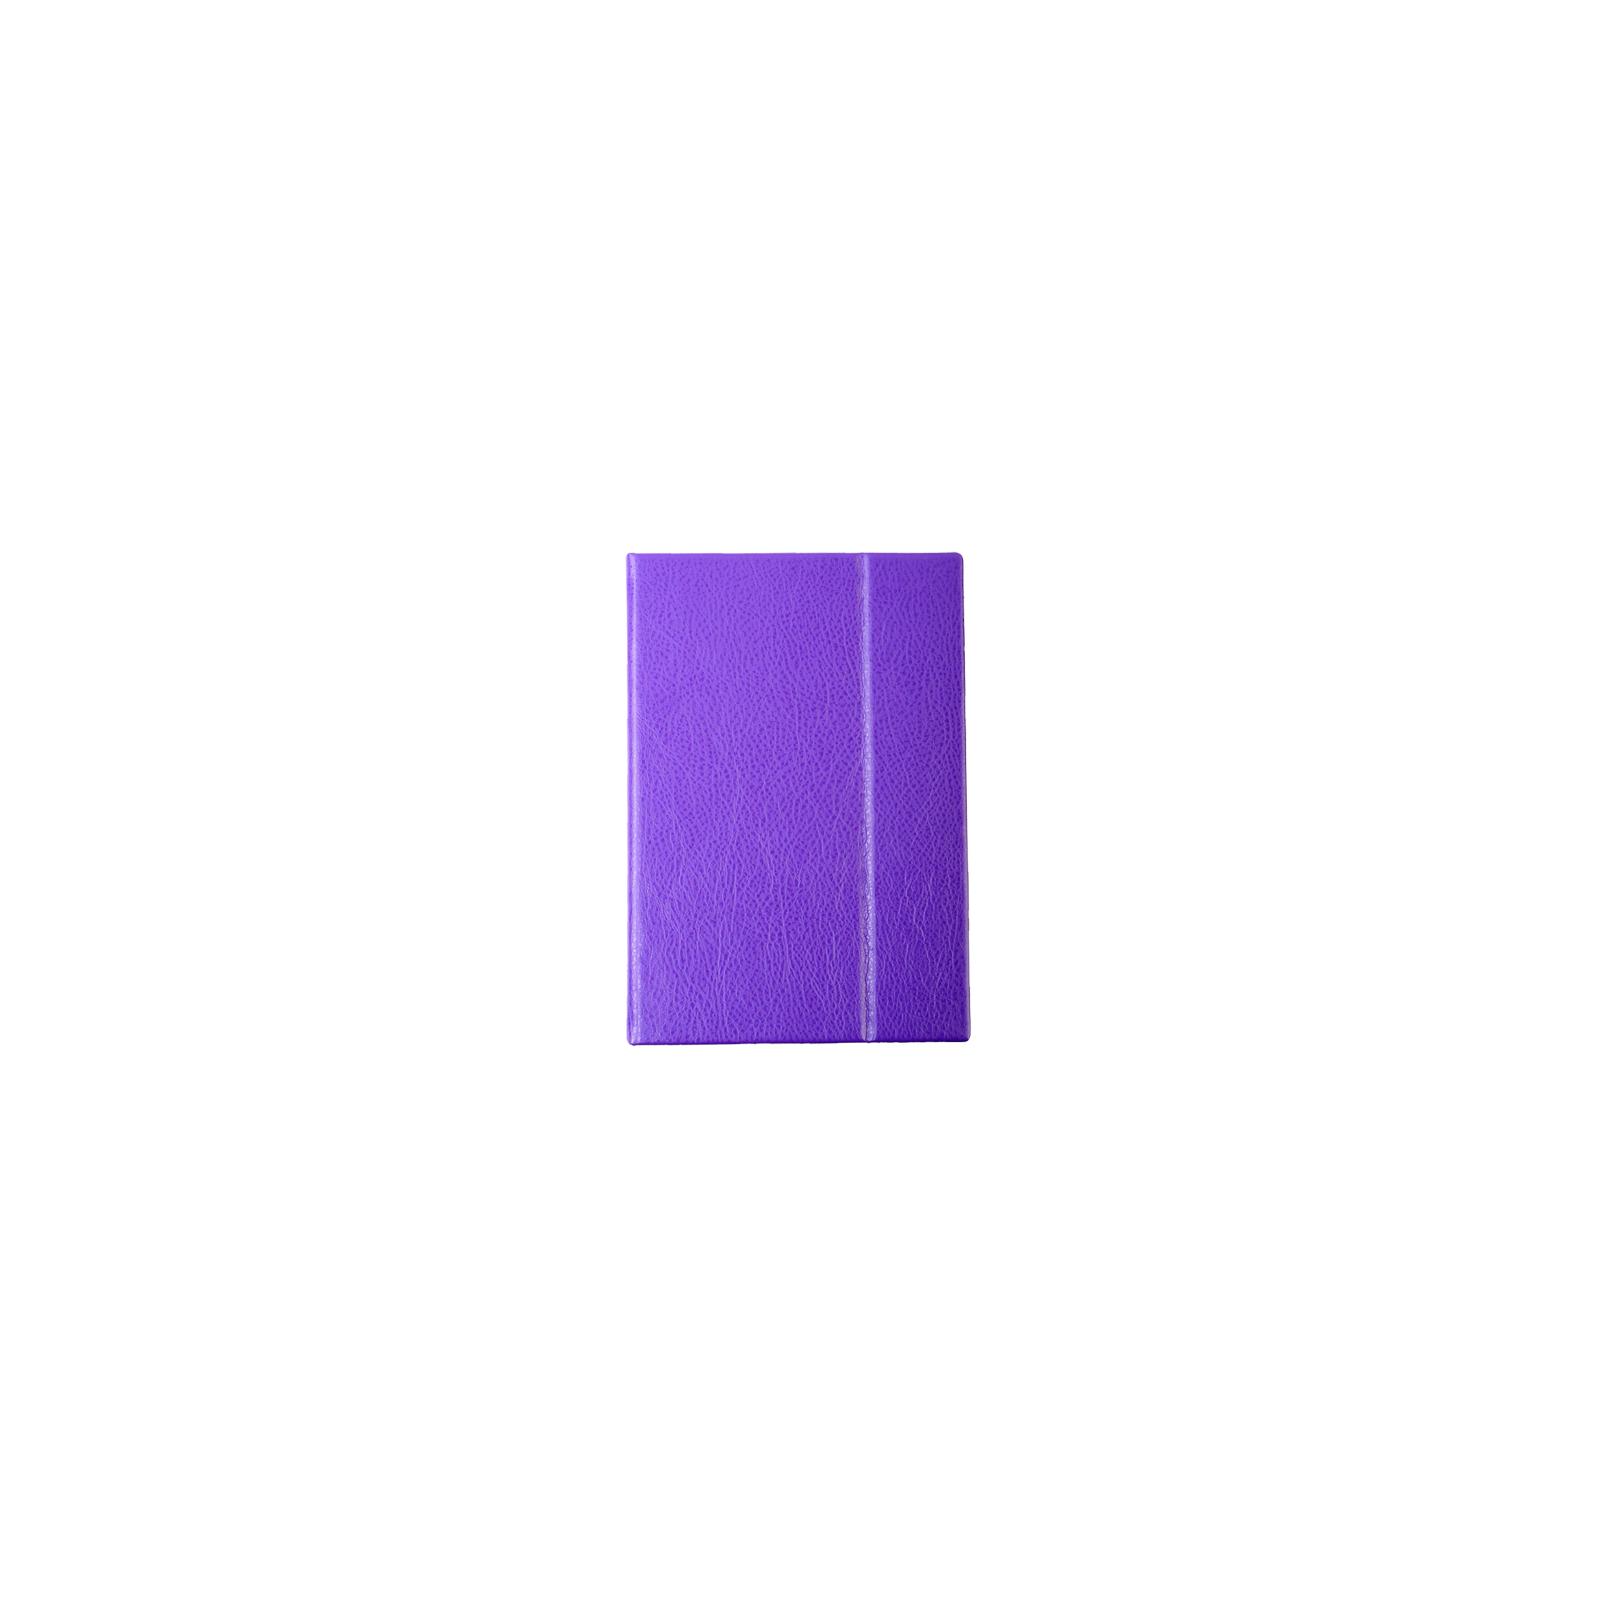 Чехол для планшета Vento 10.1 Desire Bright - purple изображение 2